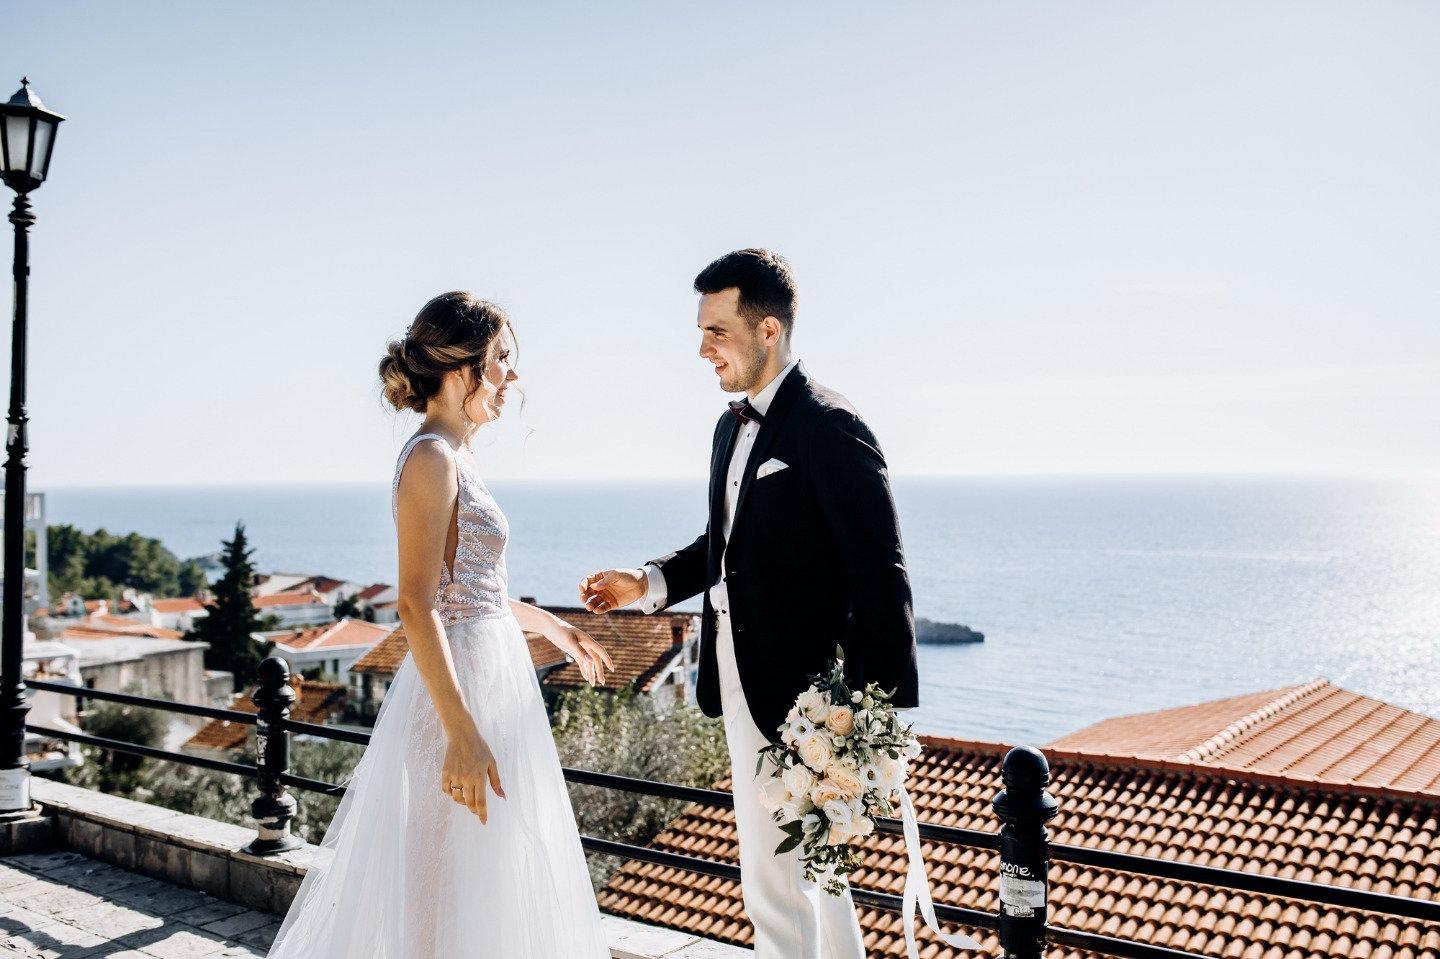 Бирюзовое море: романтическая свадьба в Черногории